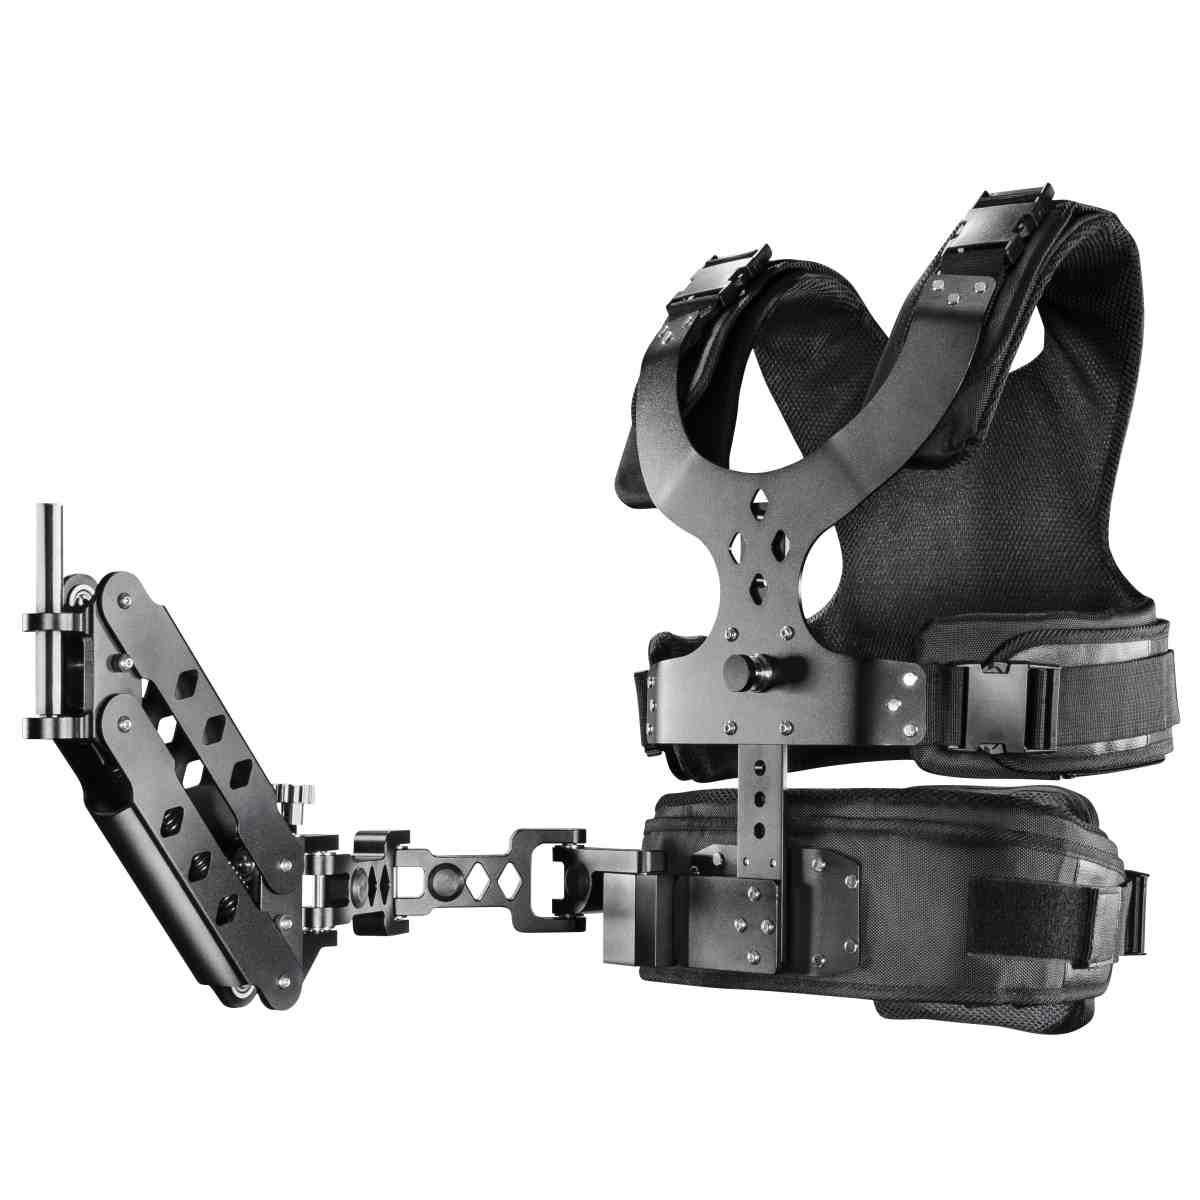 Walimex pro StabyBalance Set Vest incl. Arm